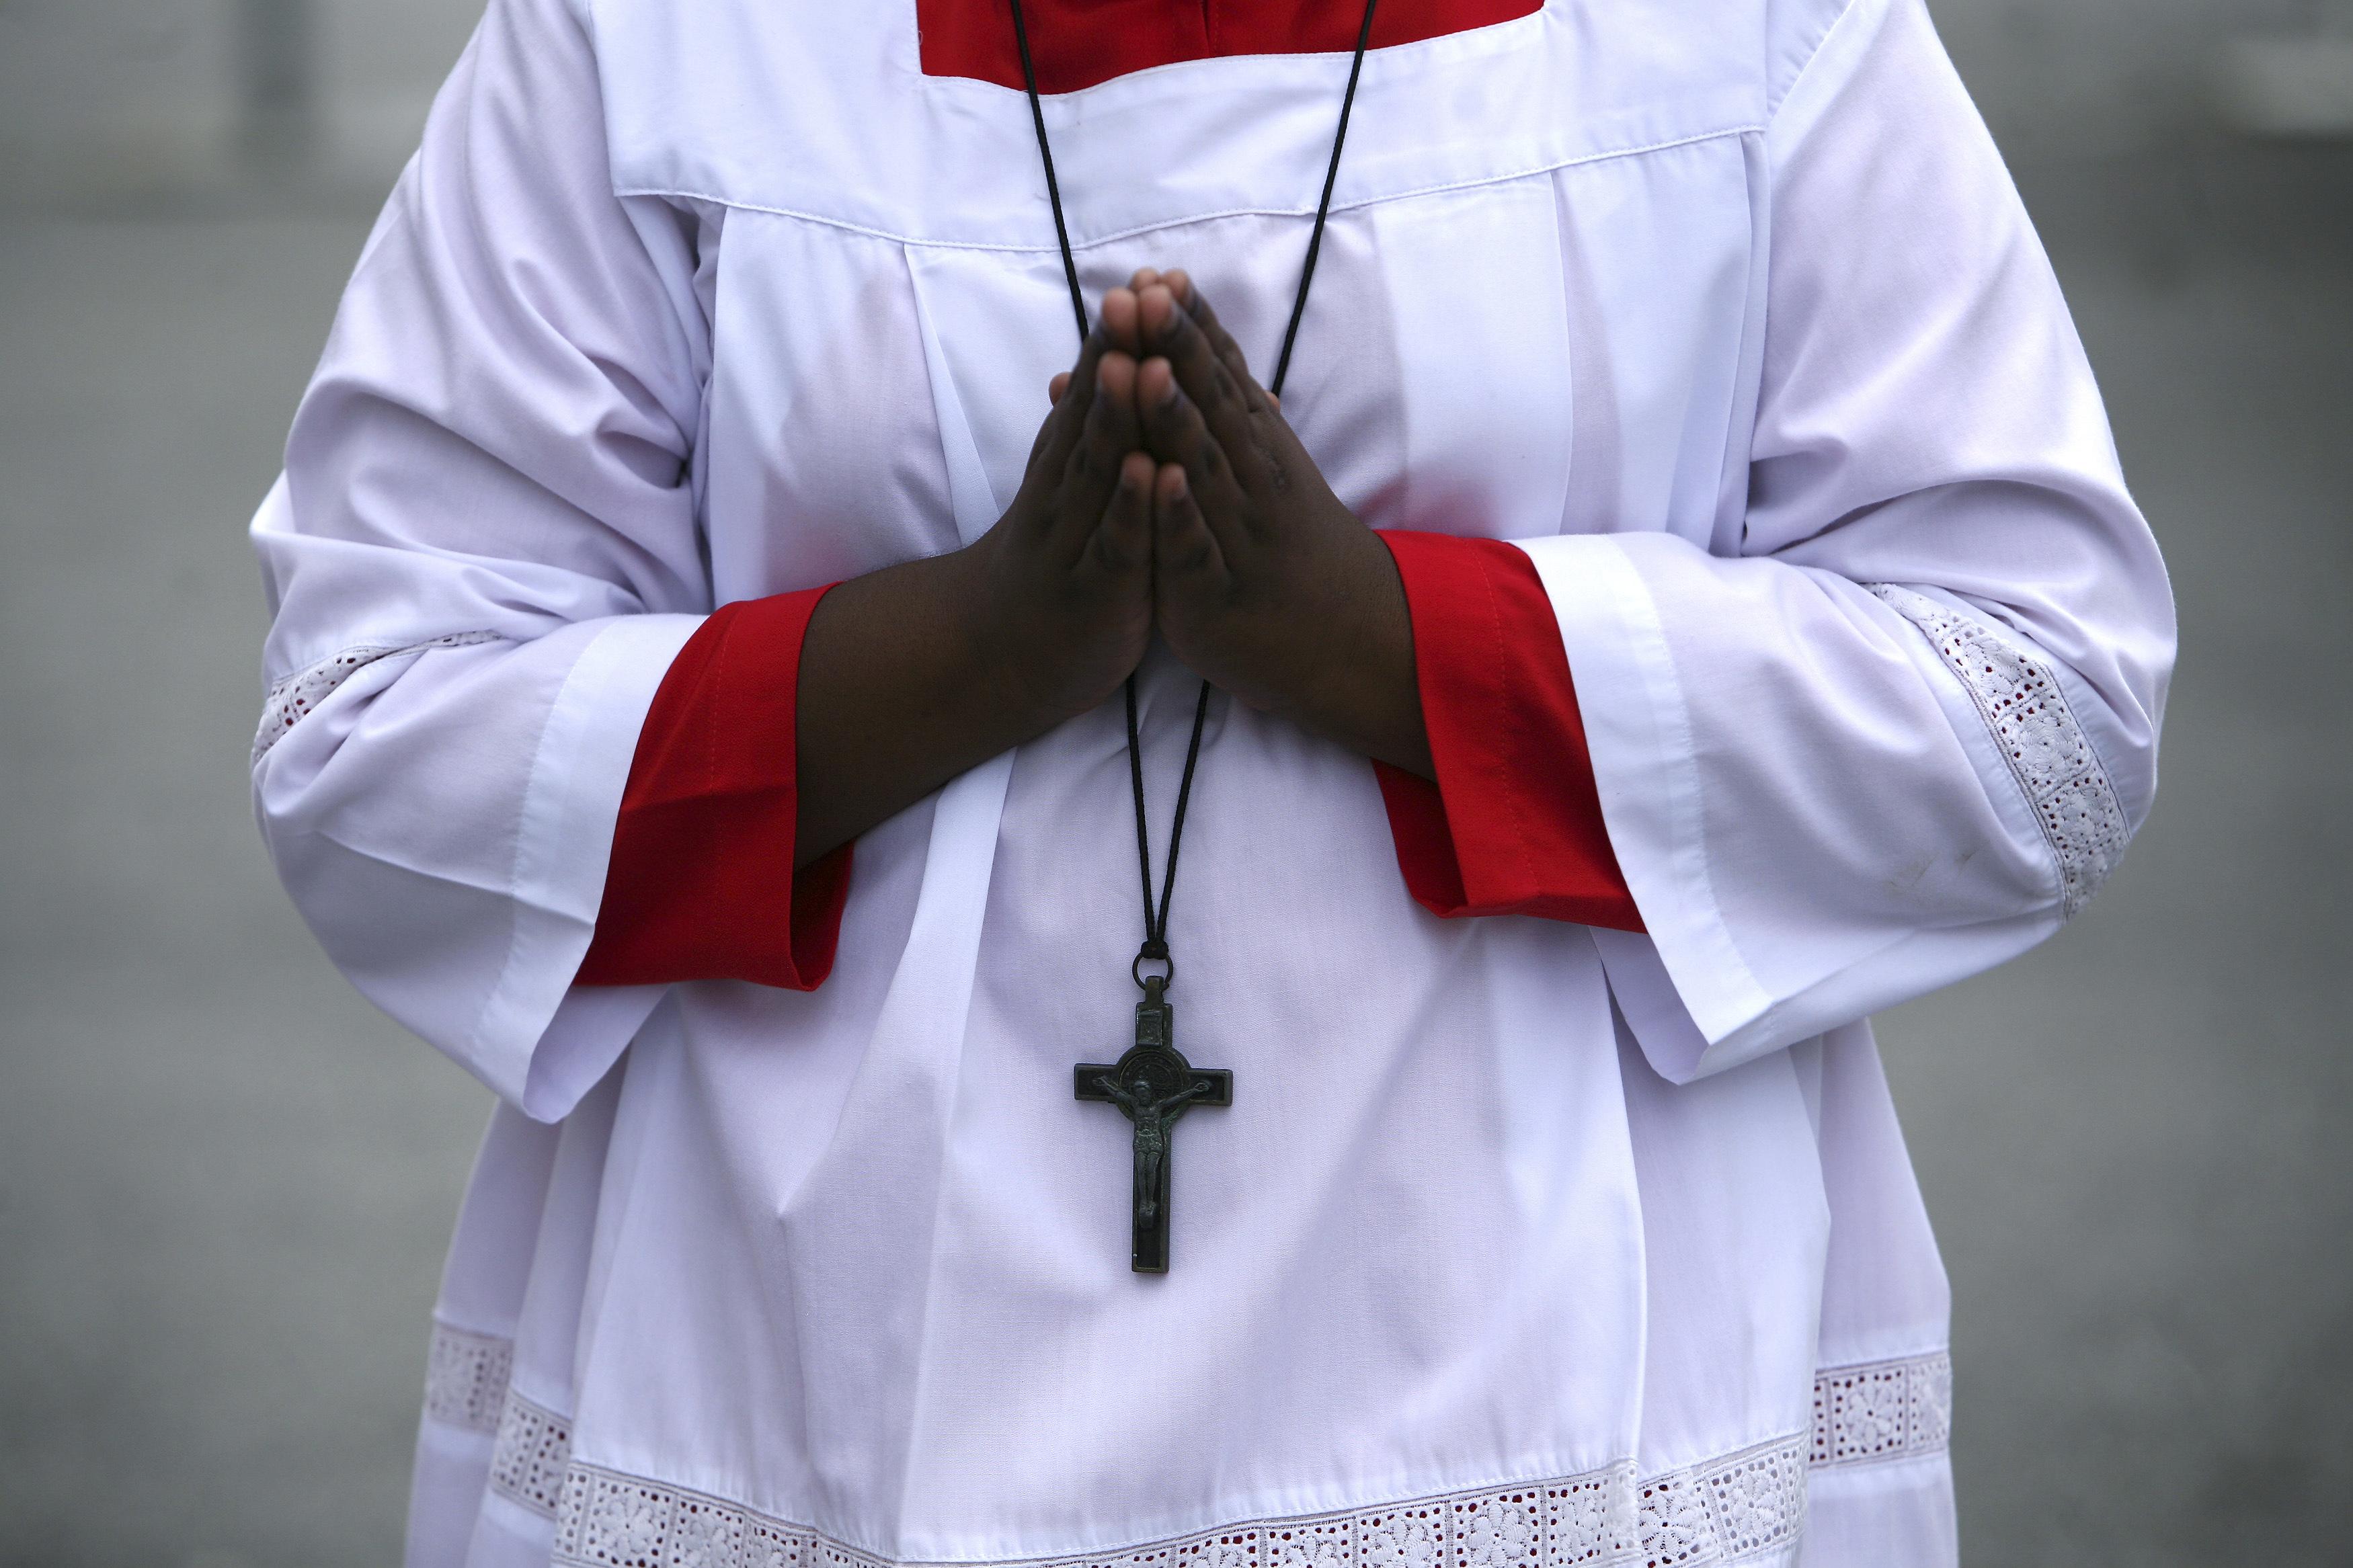 Les évêques de France, réunis à Lourdes en Assemblée plénière, ont décidé samedi de verser une somme forfaitaire aux victimes d'actes pédophiles commis au sein de l'Eglise. /Photo d'archives/REUTERS/Samsul Said